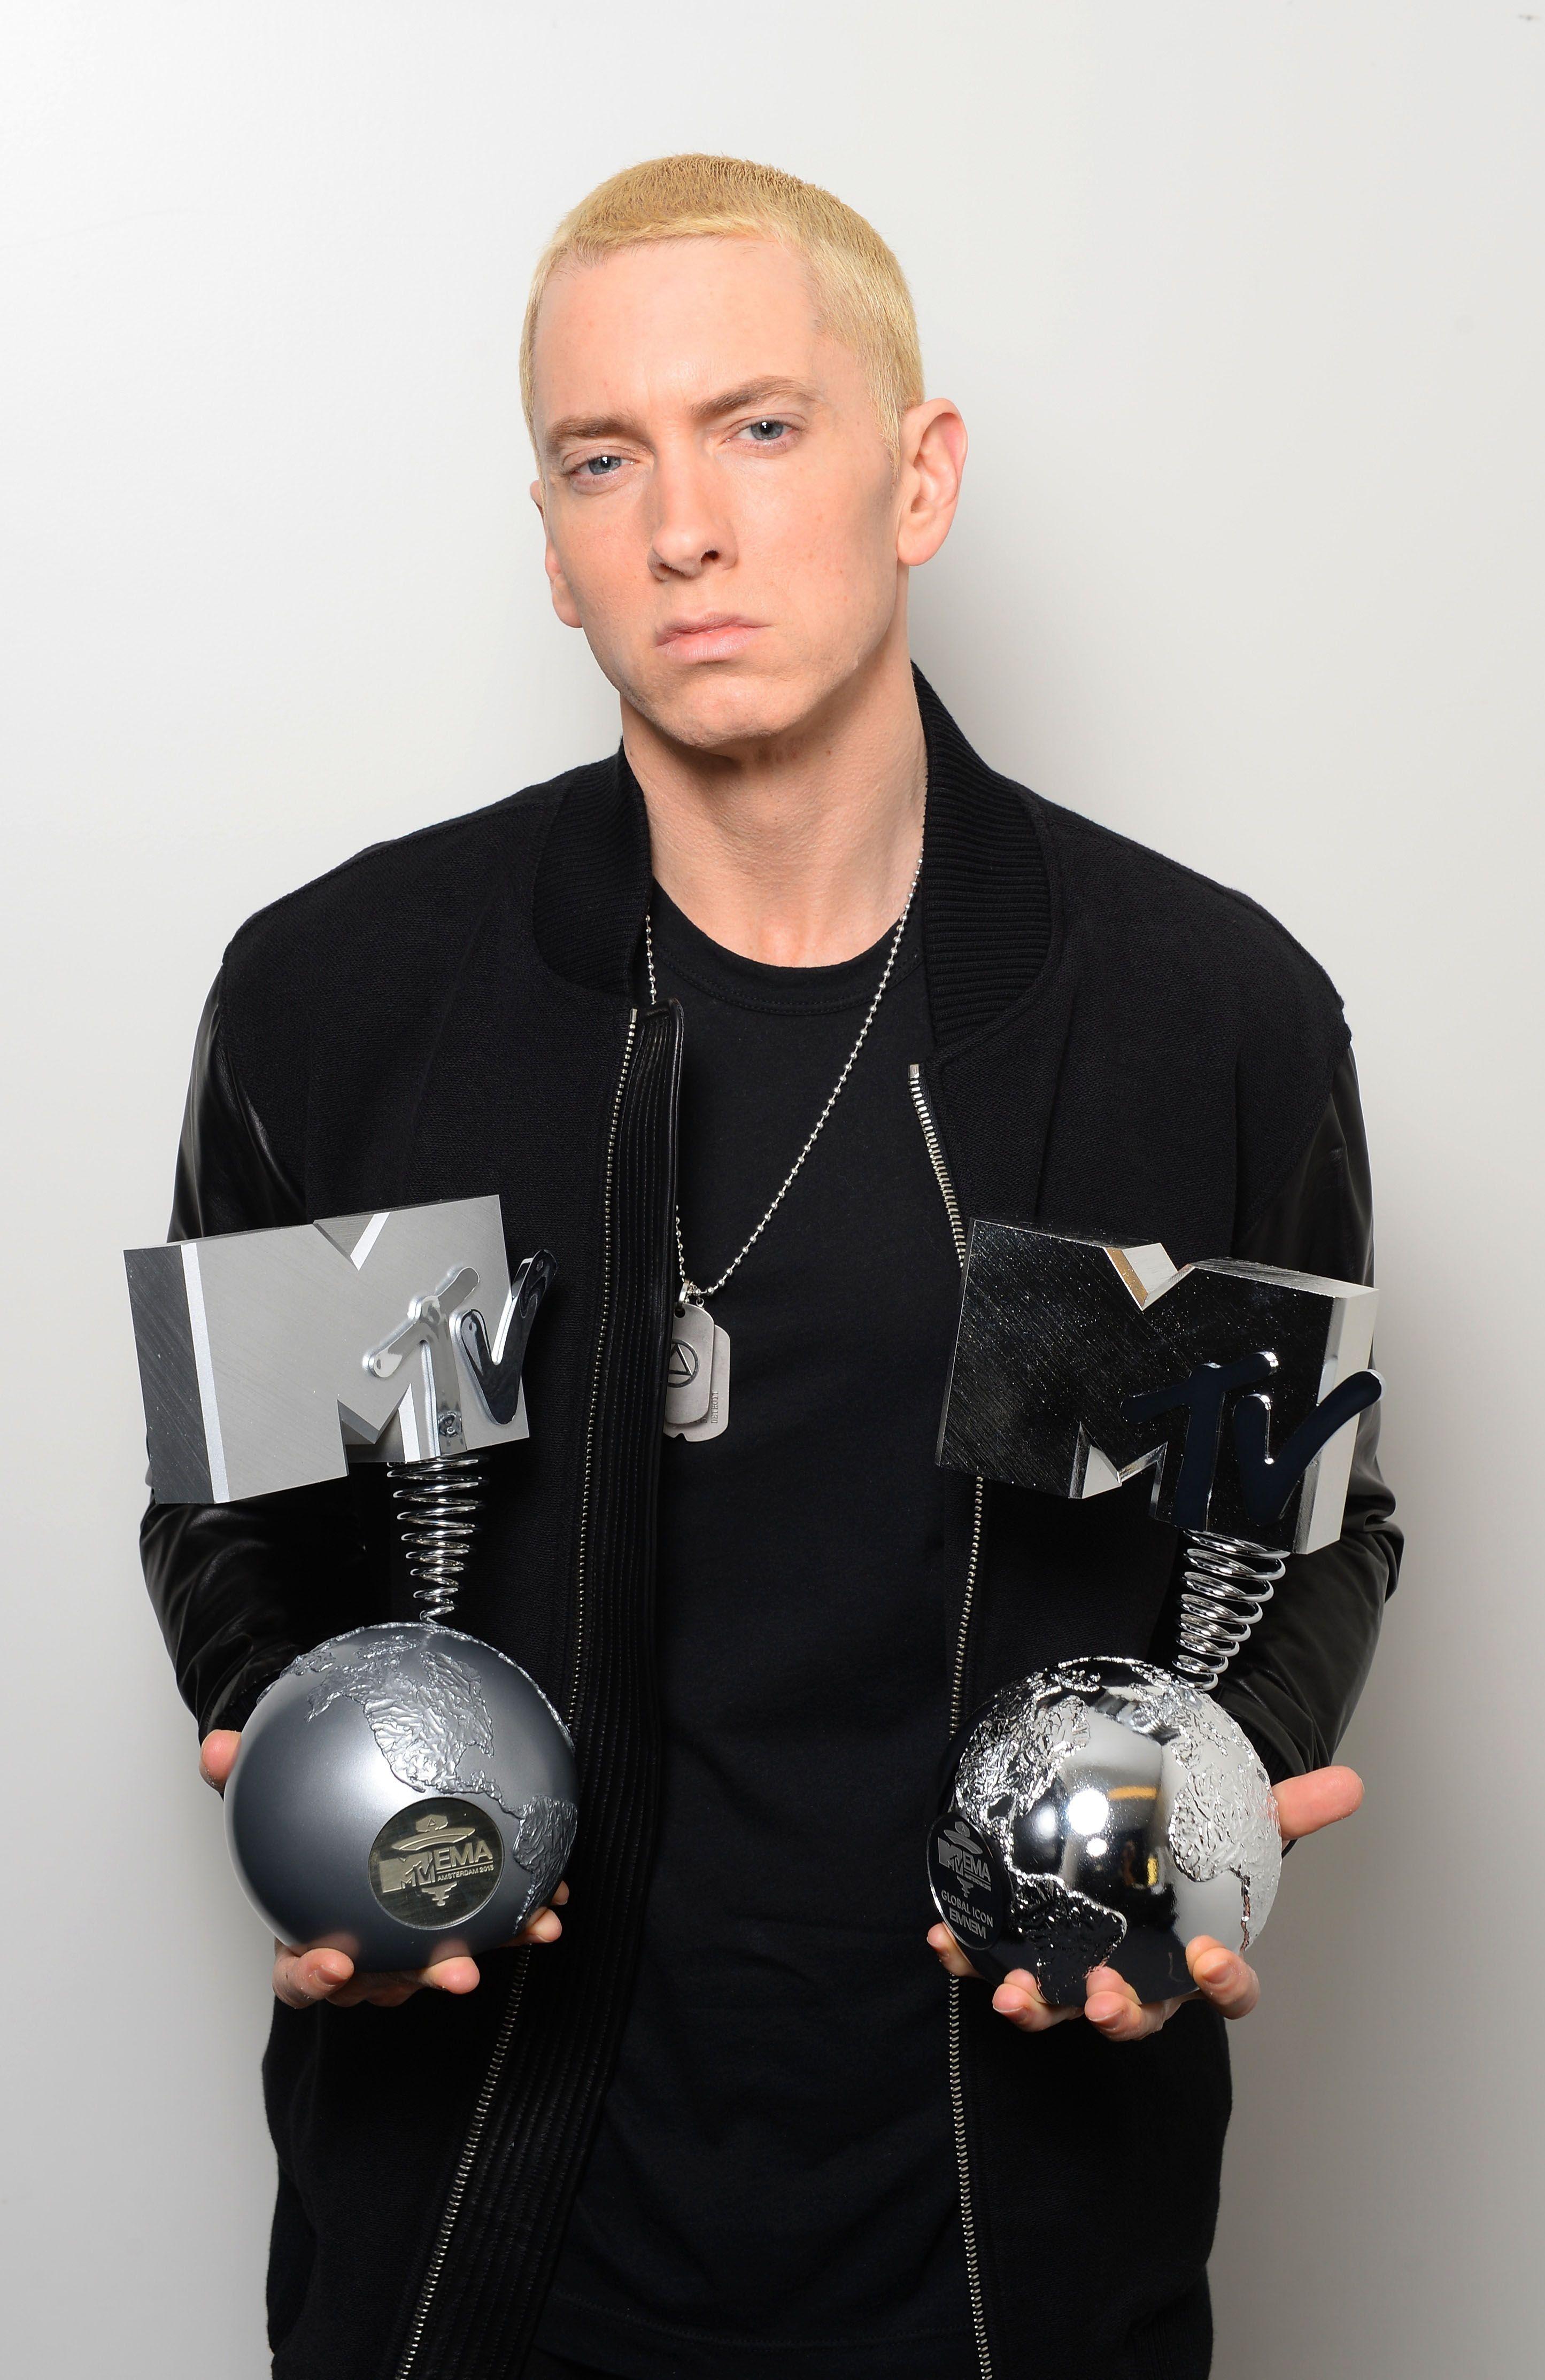 Eminem Wallpapers HD Download Eminem slim shady, Eminem